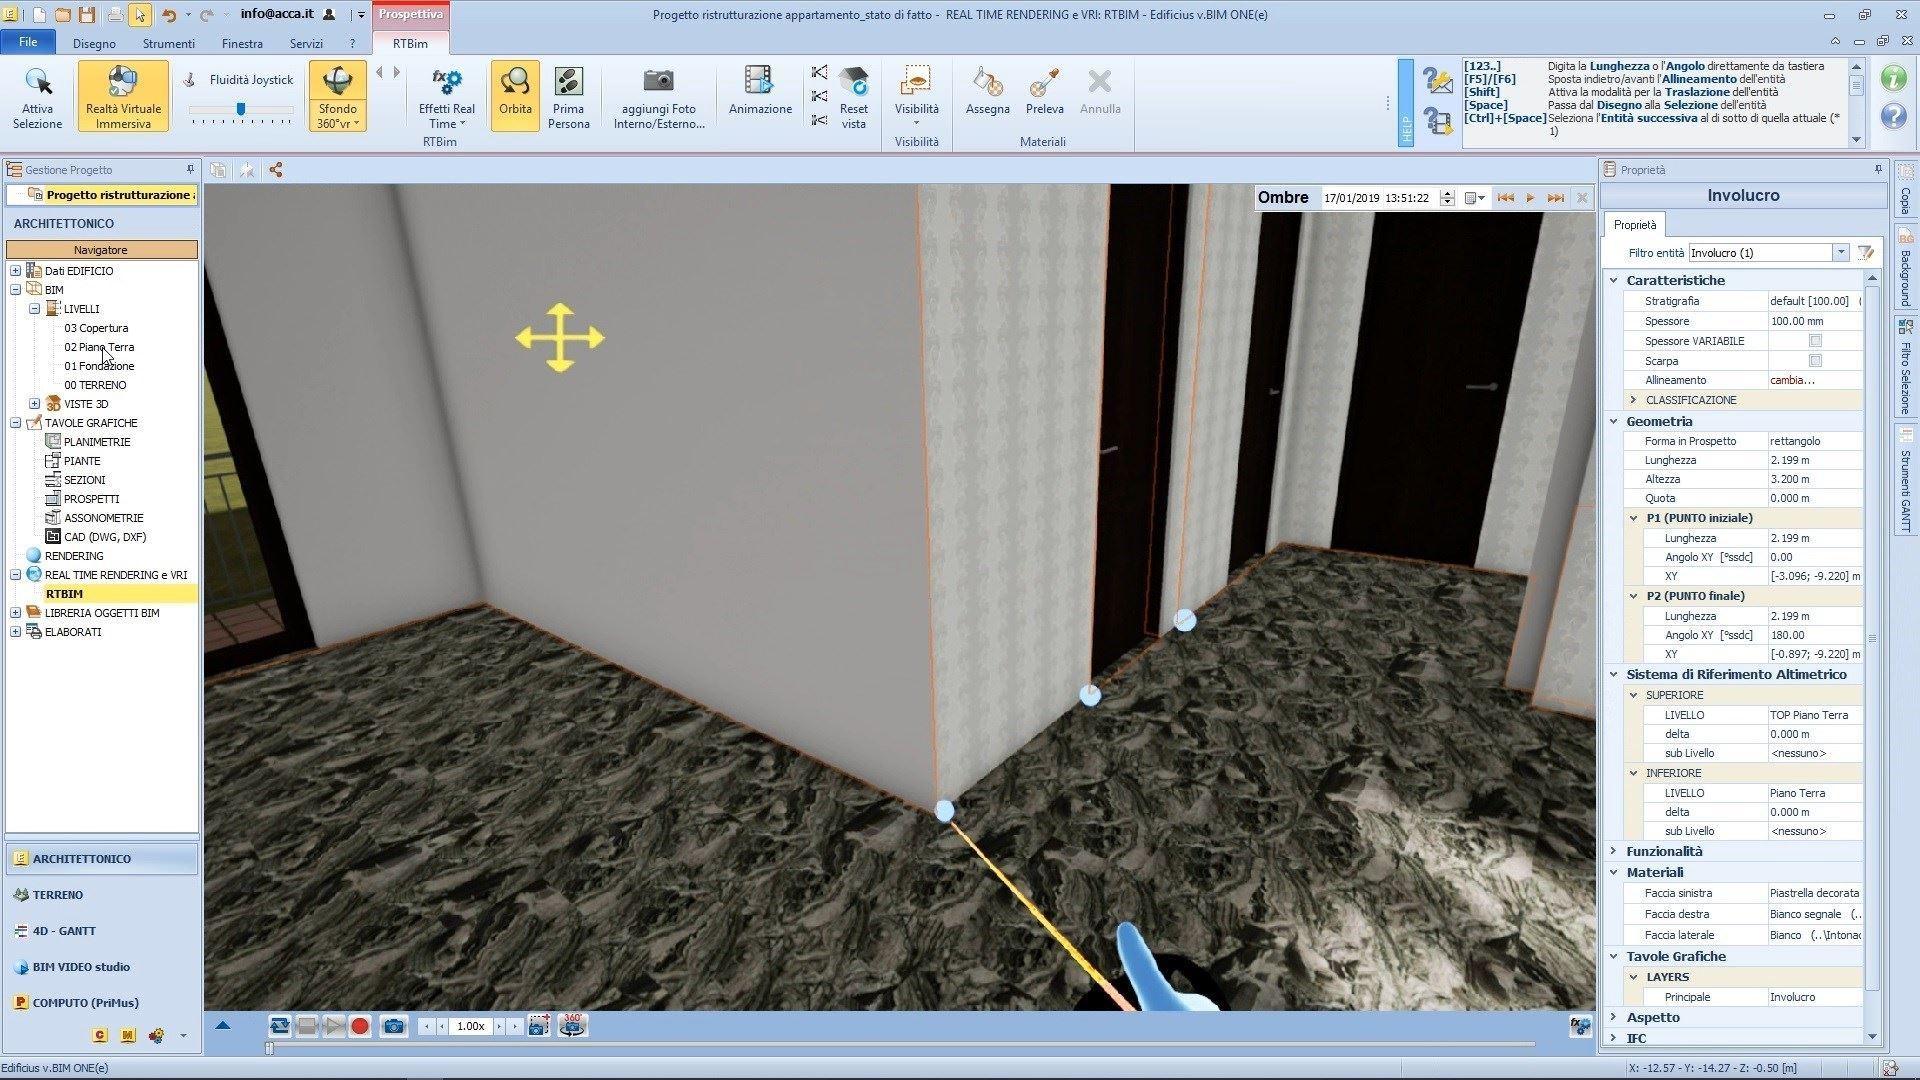 Modifica del modello in VRi